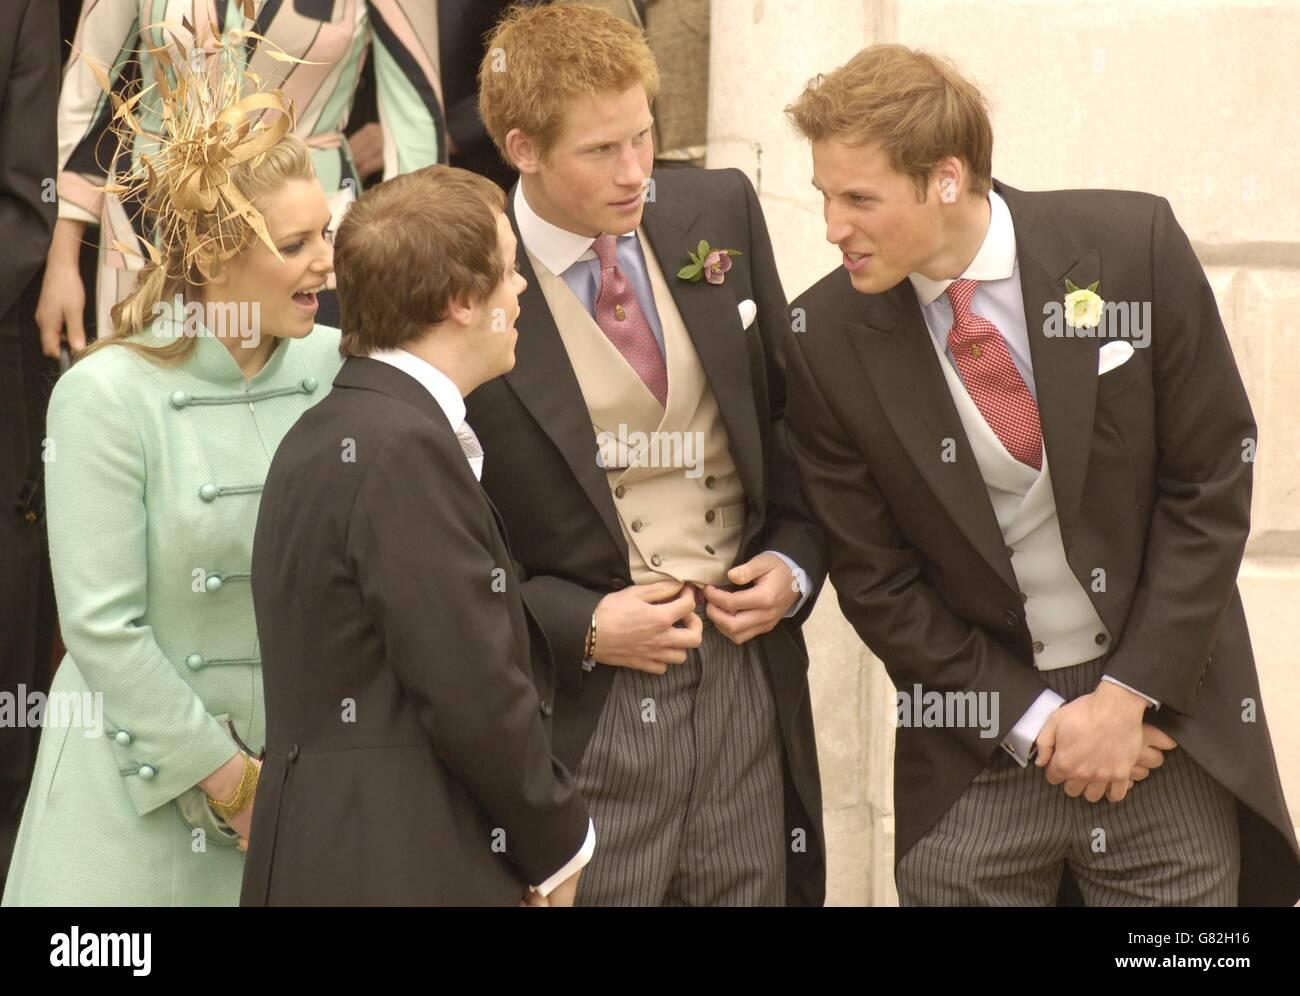 Boda Real El Matrimonio Del Principe Carlos Y Camila Parker Bowles Ceremonia Civil Guildhall De Windsor Fotografia De Stock Alamy